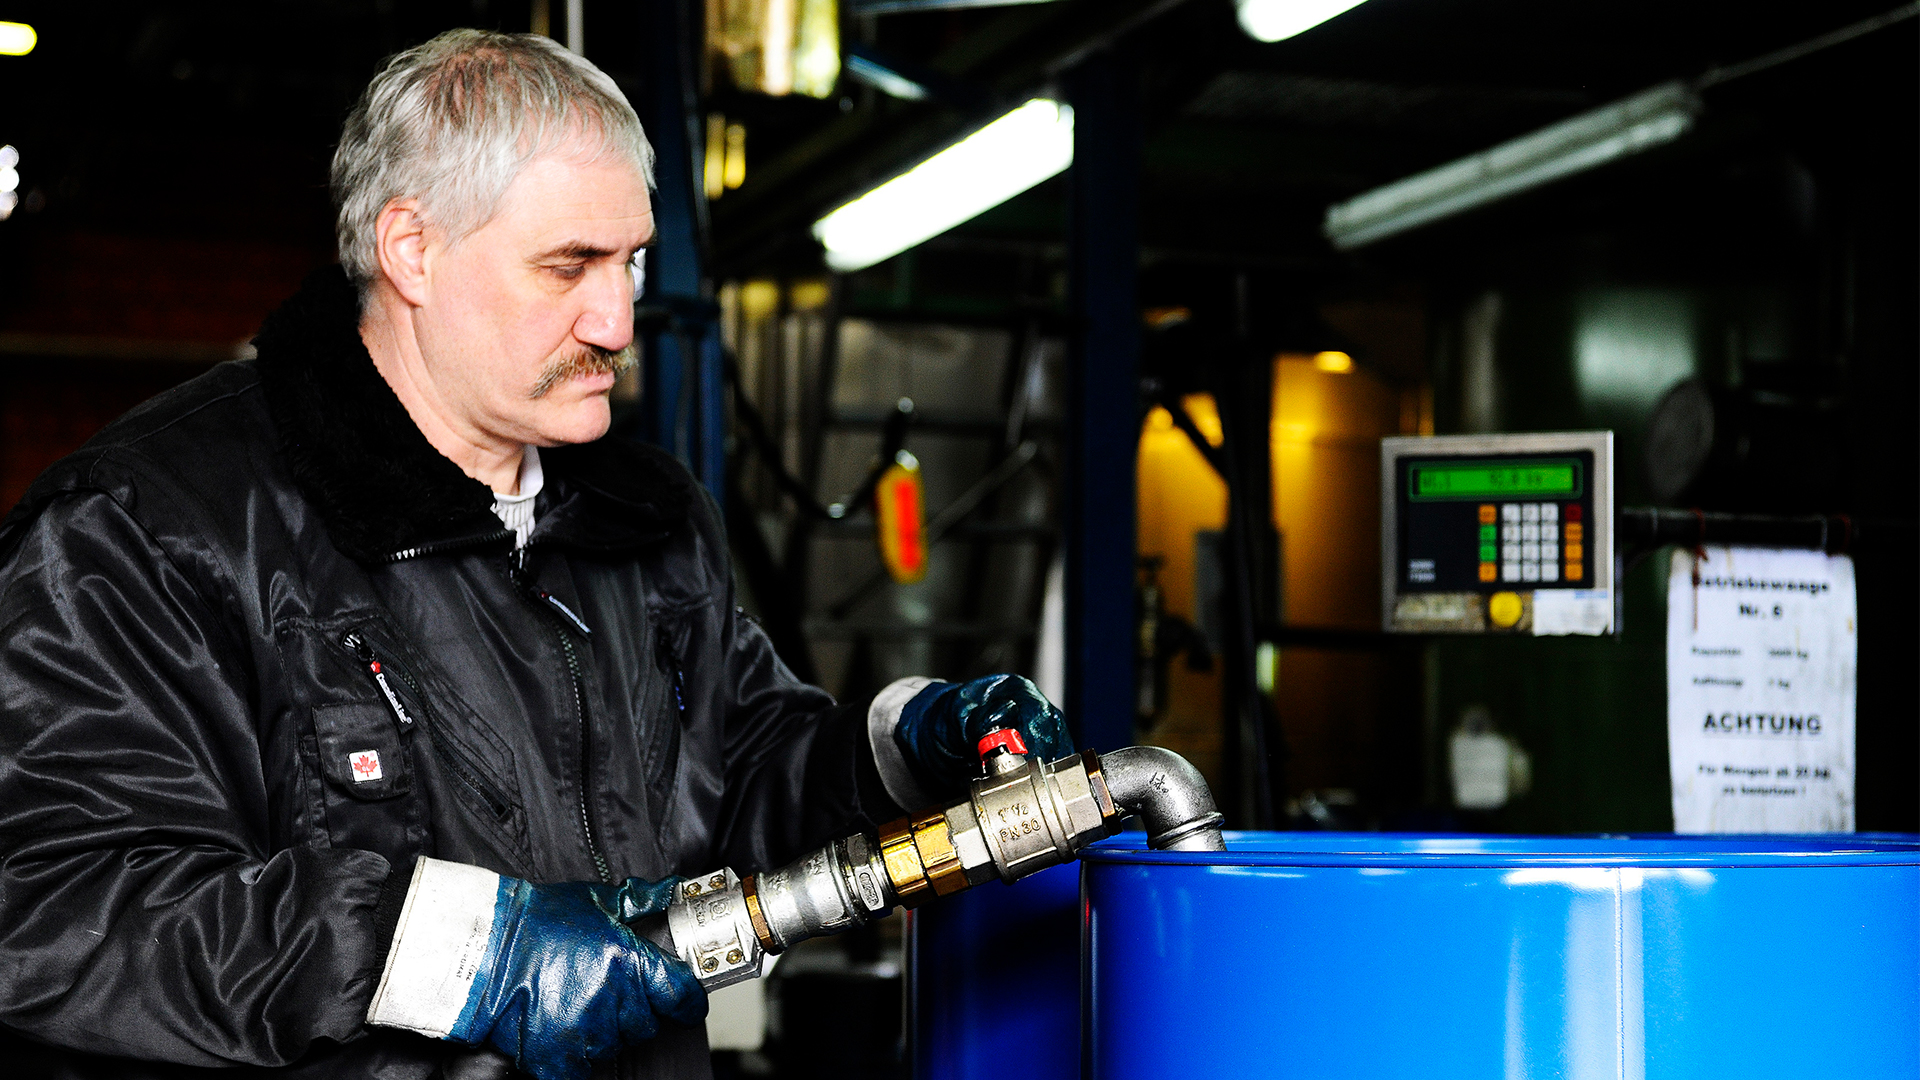 Schmiermittel Hersteller Schaaff & Meurer GmbH